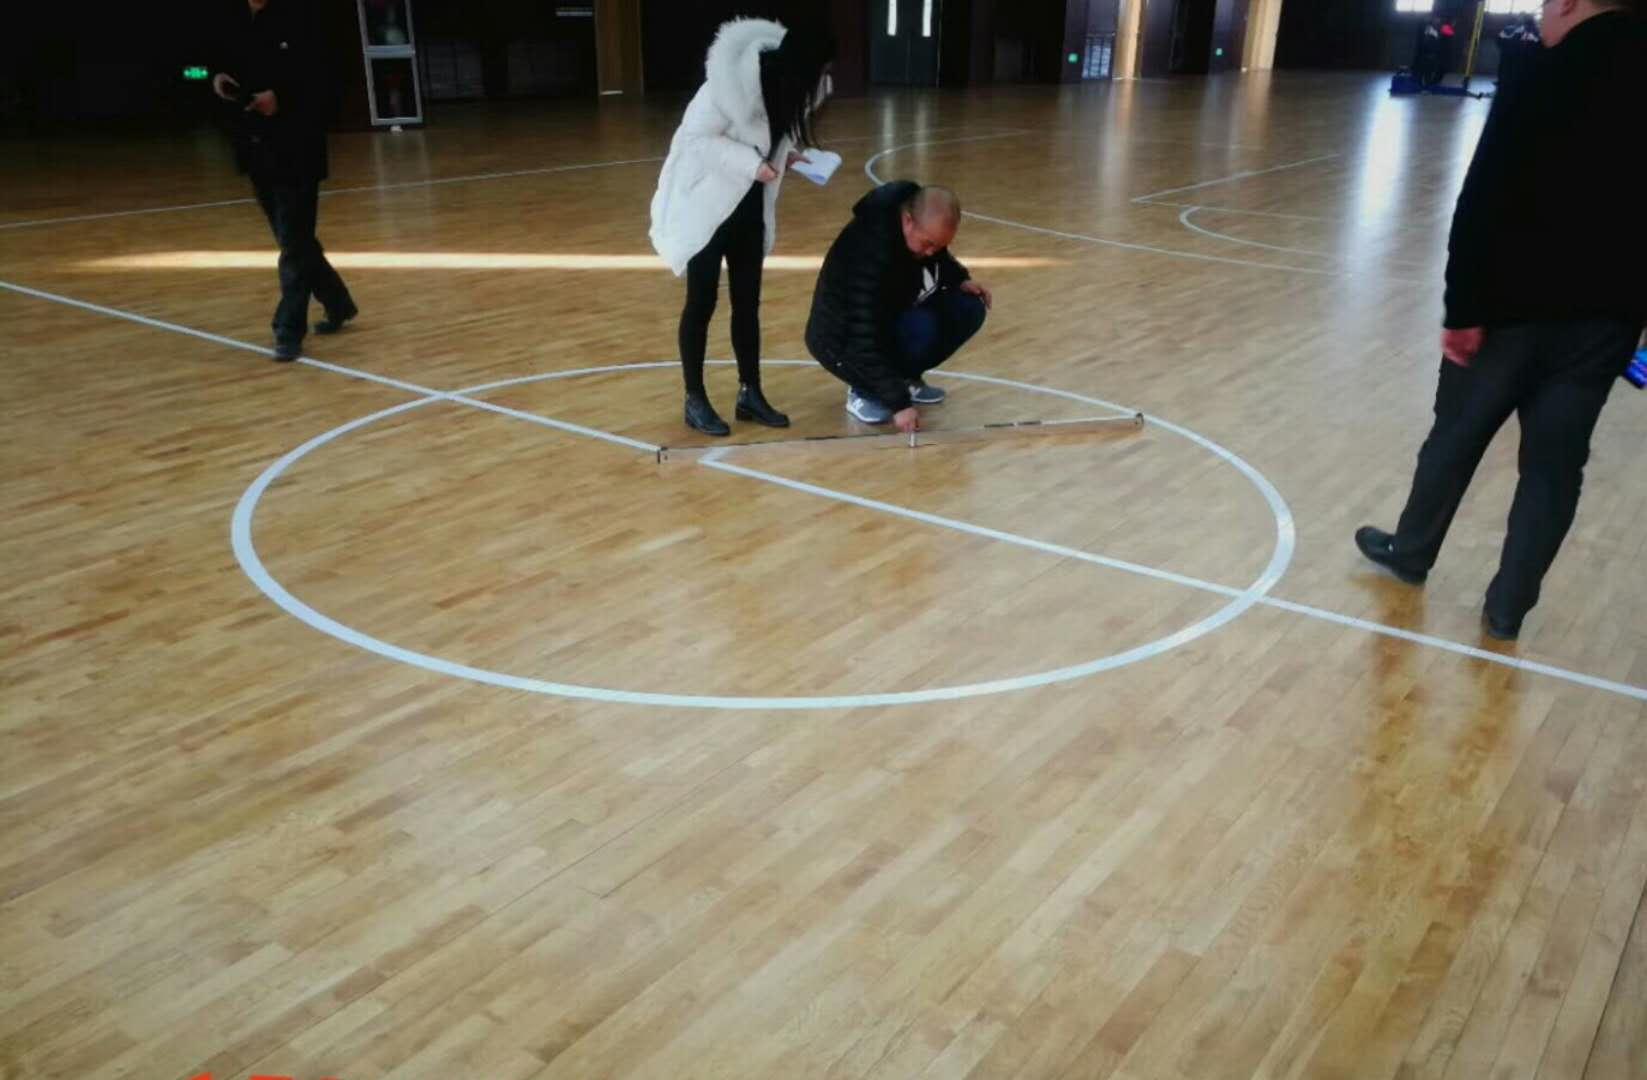 篮球馆木地板一分价钱一分货永远是真理